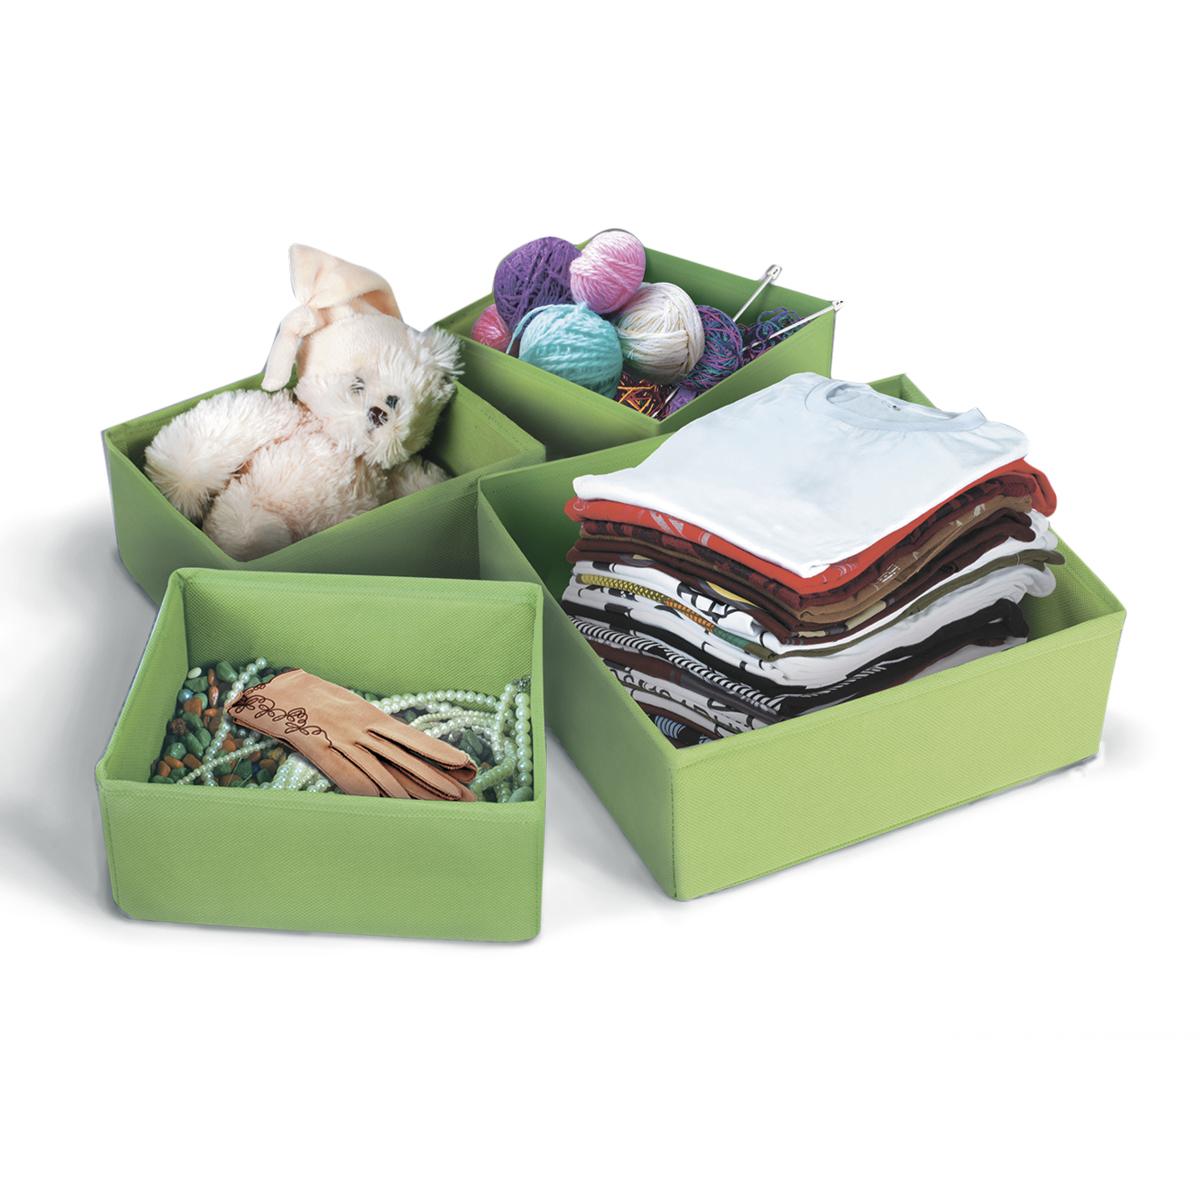 Набор коробок для хранения вещей Miolla, цвет: зеленый, 4 предметаCHL-8-2Набор коробок Miolla предназначен для хранения вещей. Он изготовлен из нетканого материала высокого качества. Коробки позволят вам хранить вещи компактно и с удобством. Комплектация набора 4 шт.